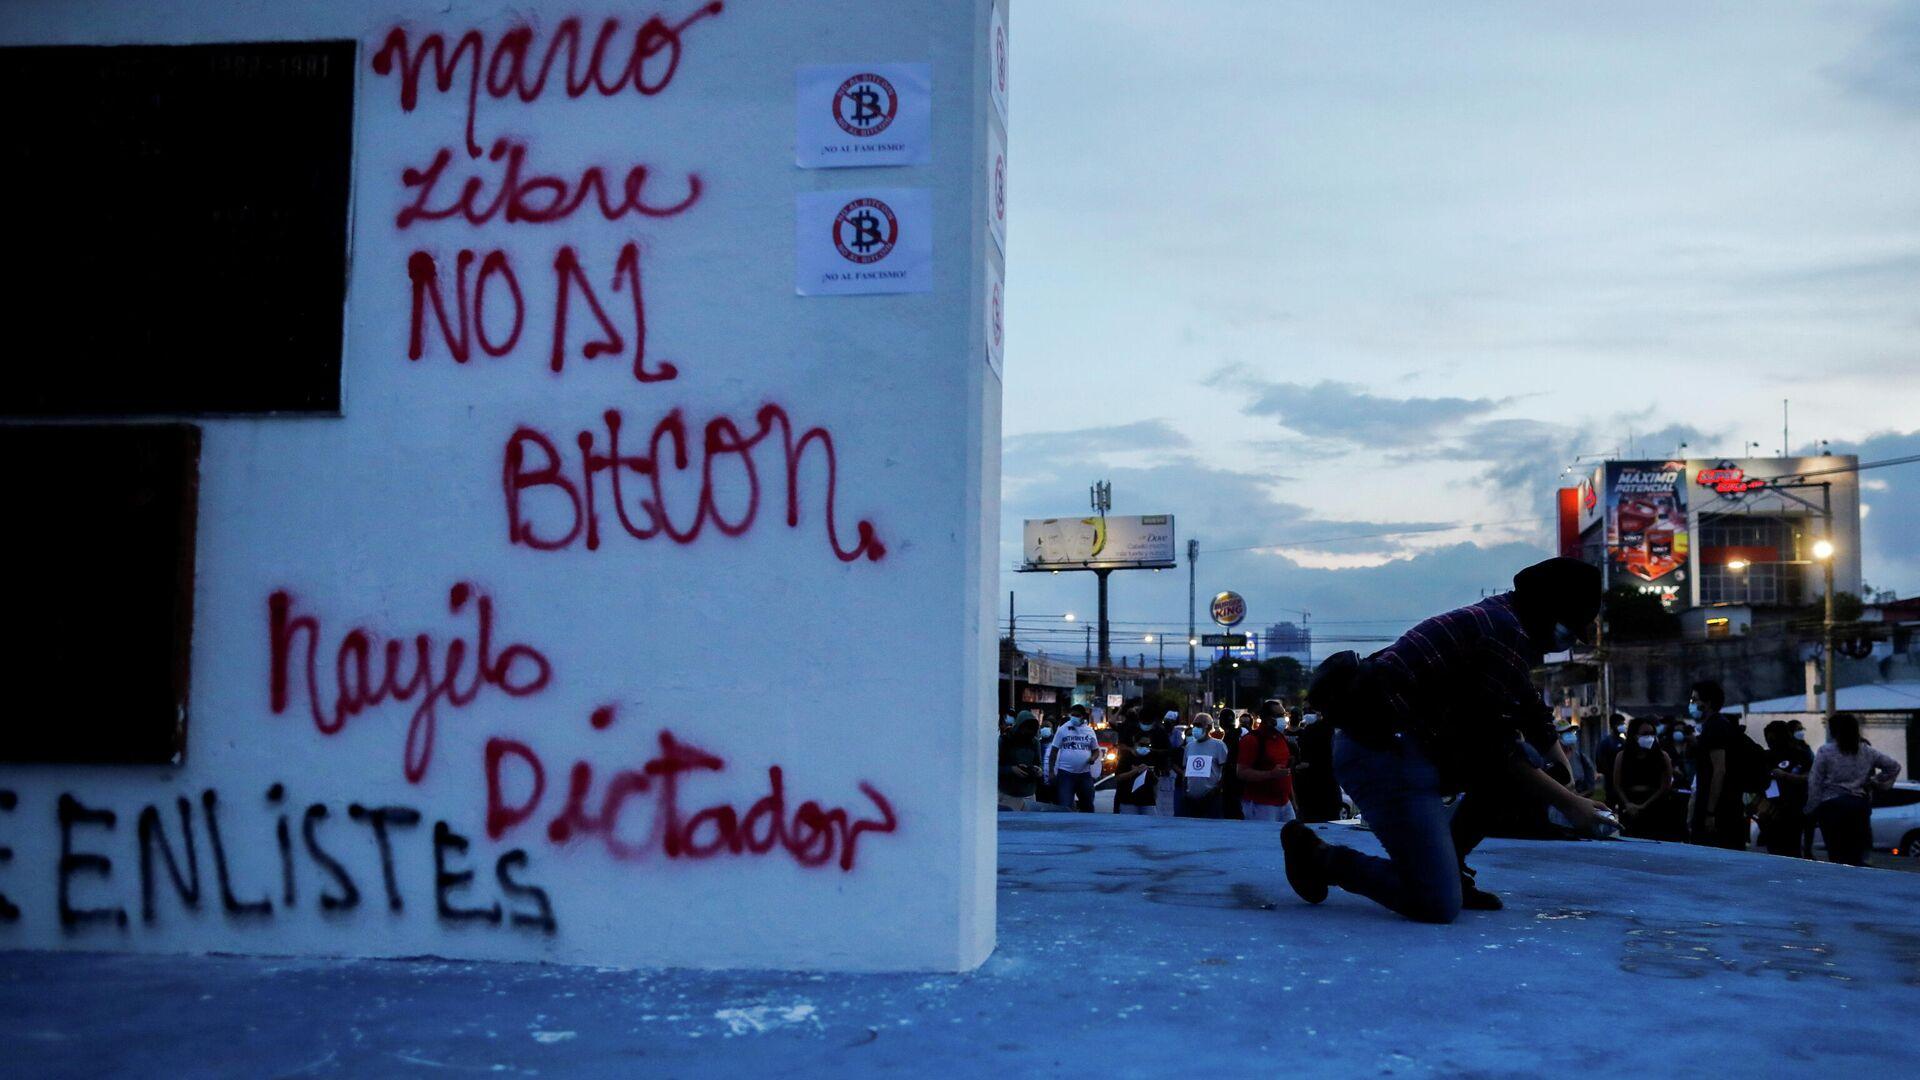 Protestas ciudadanas en El Salvador contra adopción del bitcoin - Sputnik Mundo, 1920, 07.09.2021